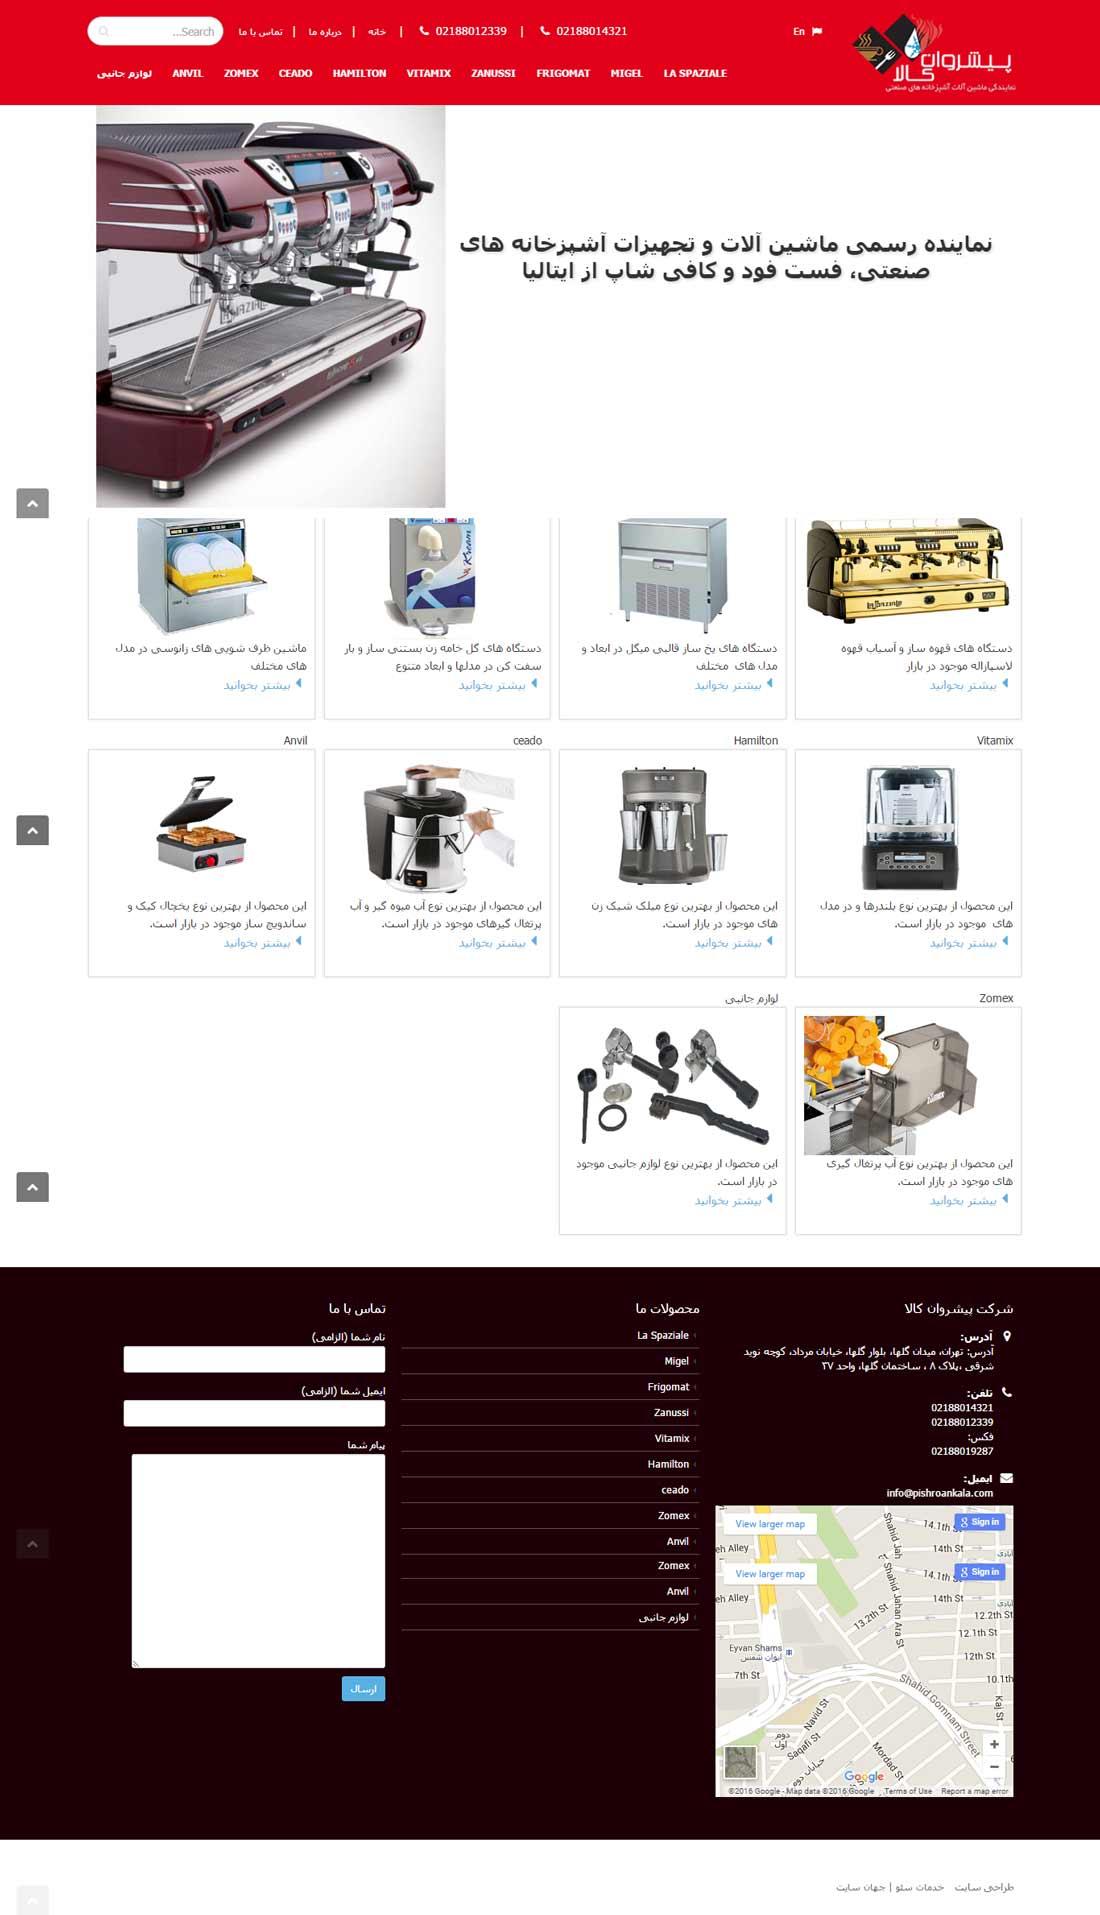 طراحی سایت شرکت تجهیزات آشپزخانه صنعتی